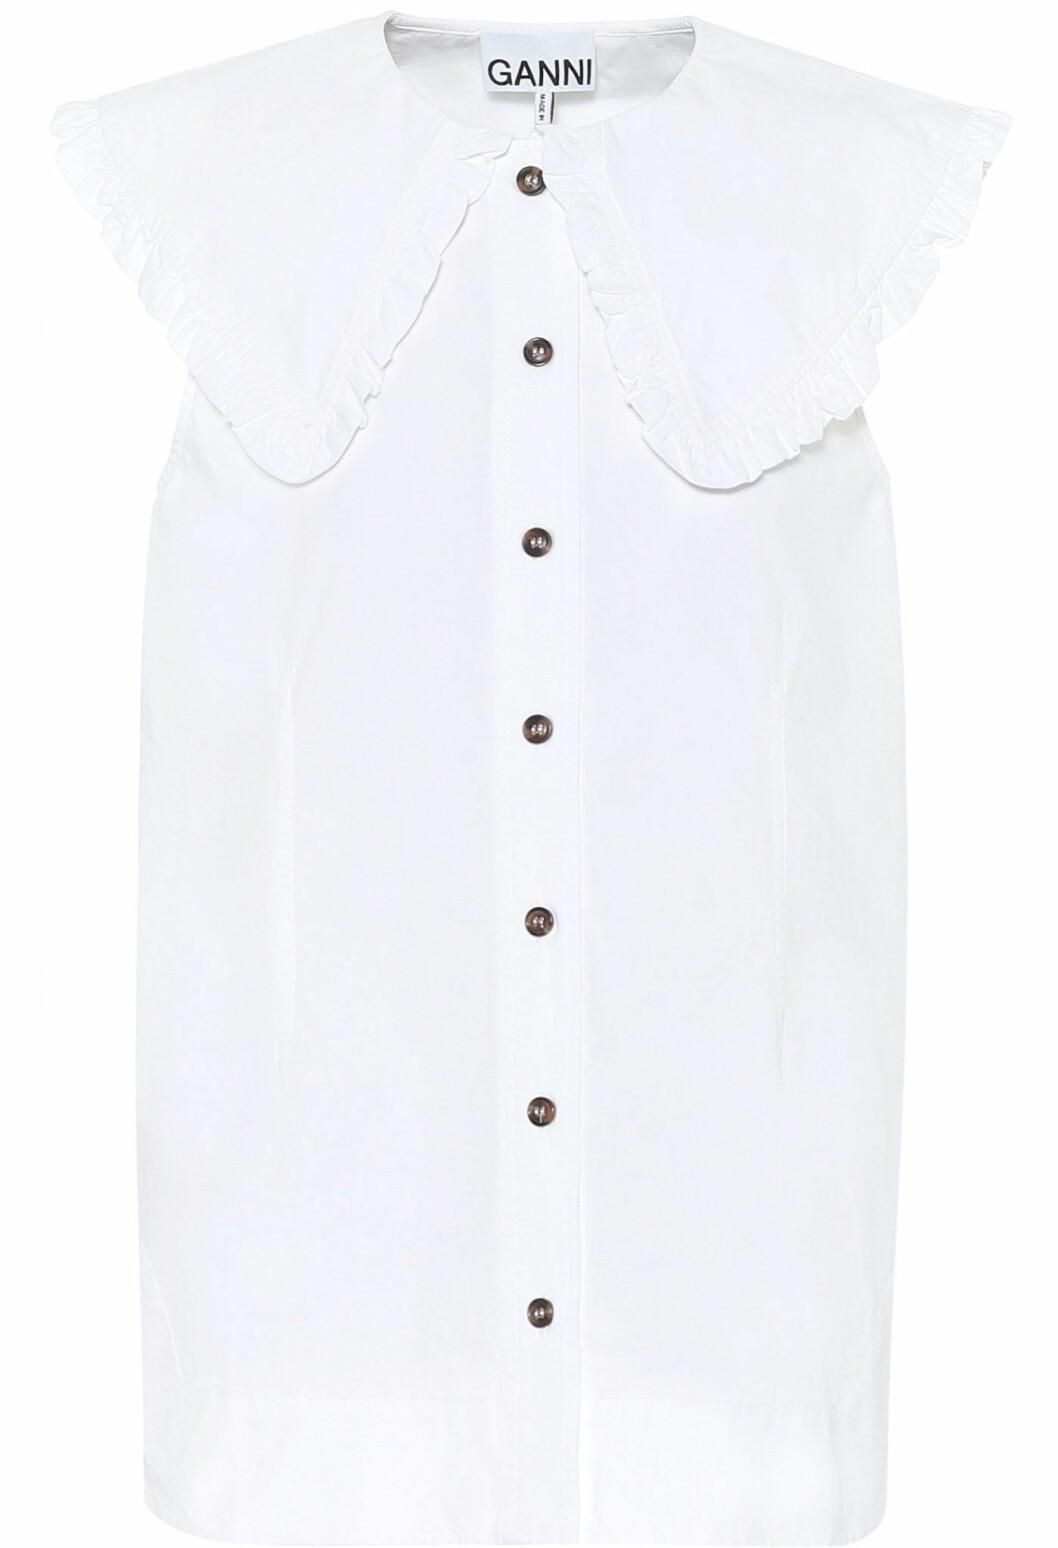 vit blus med krage från Ganni.